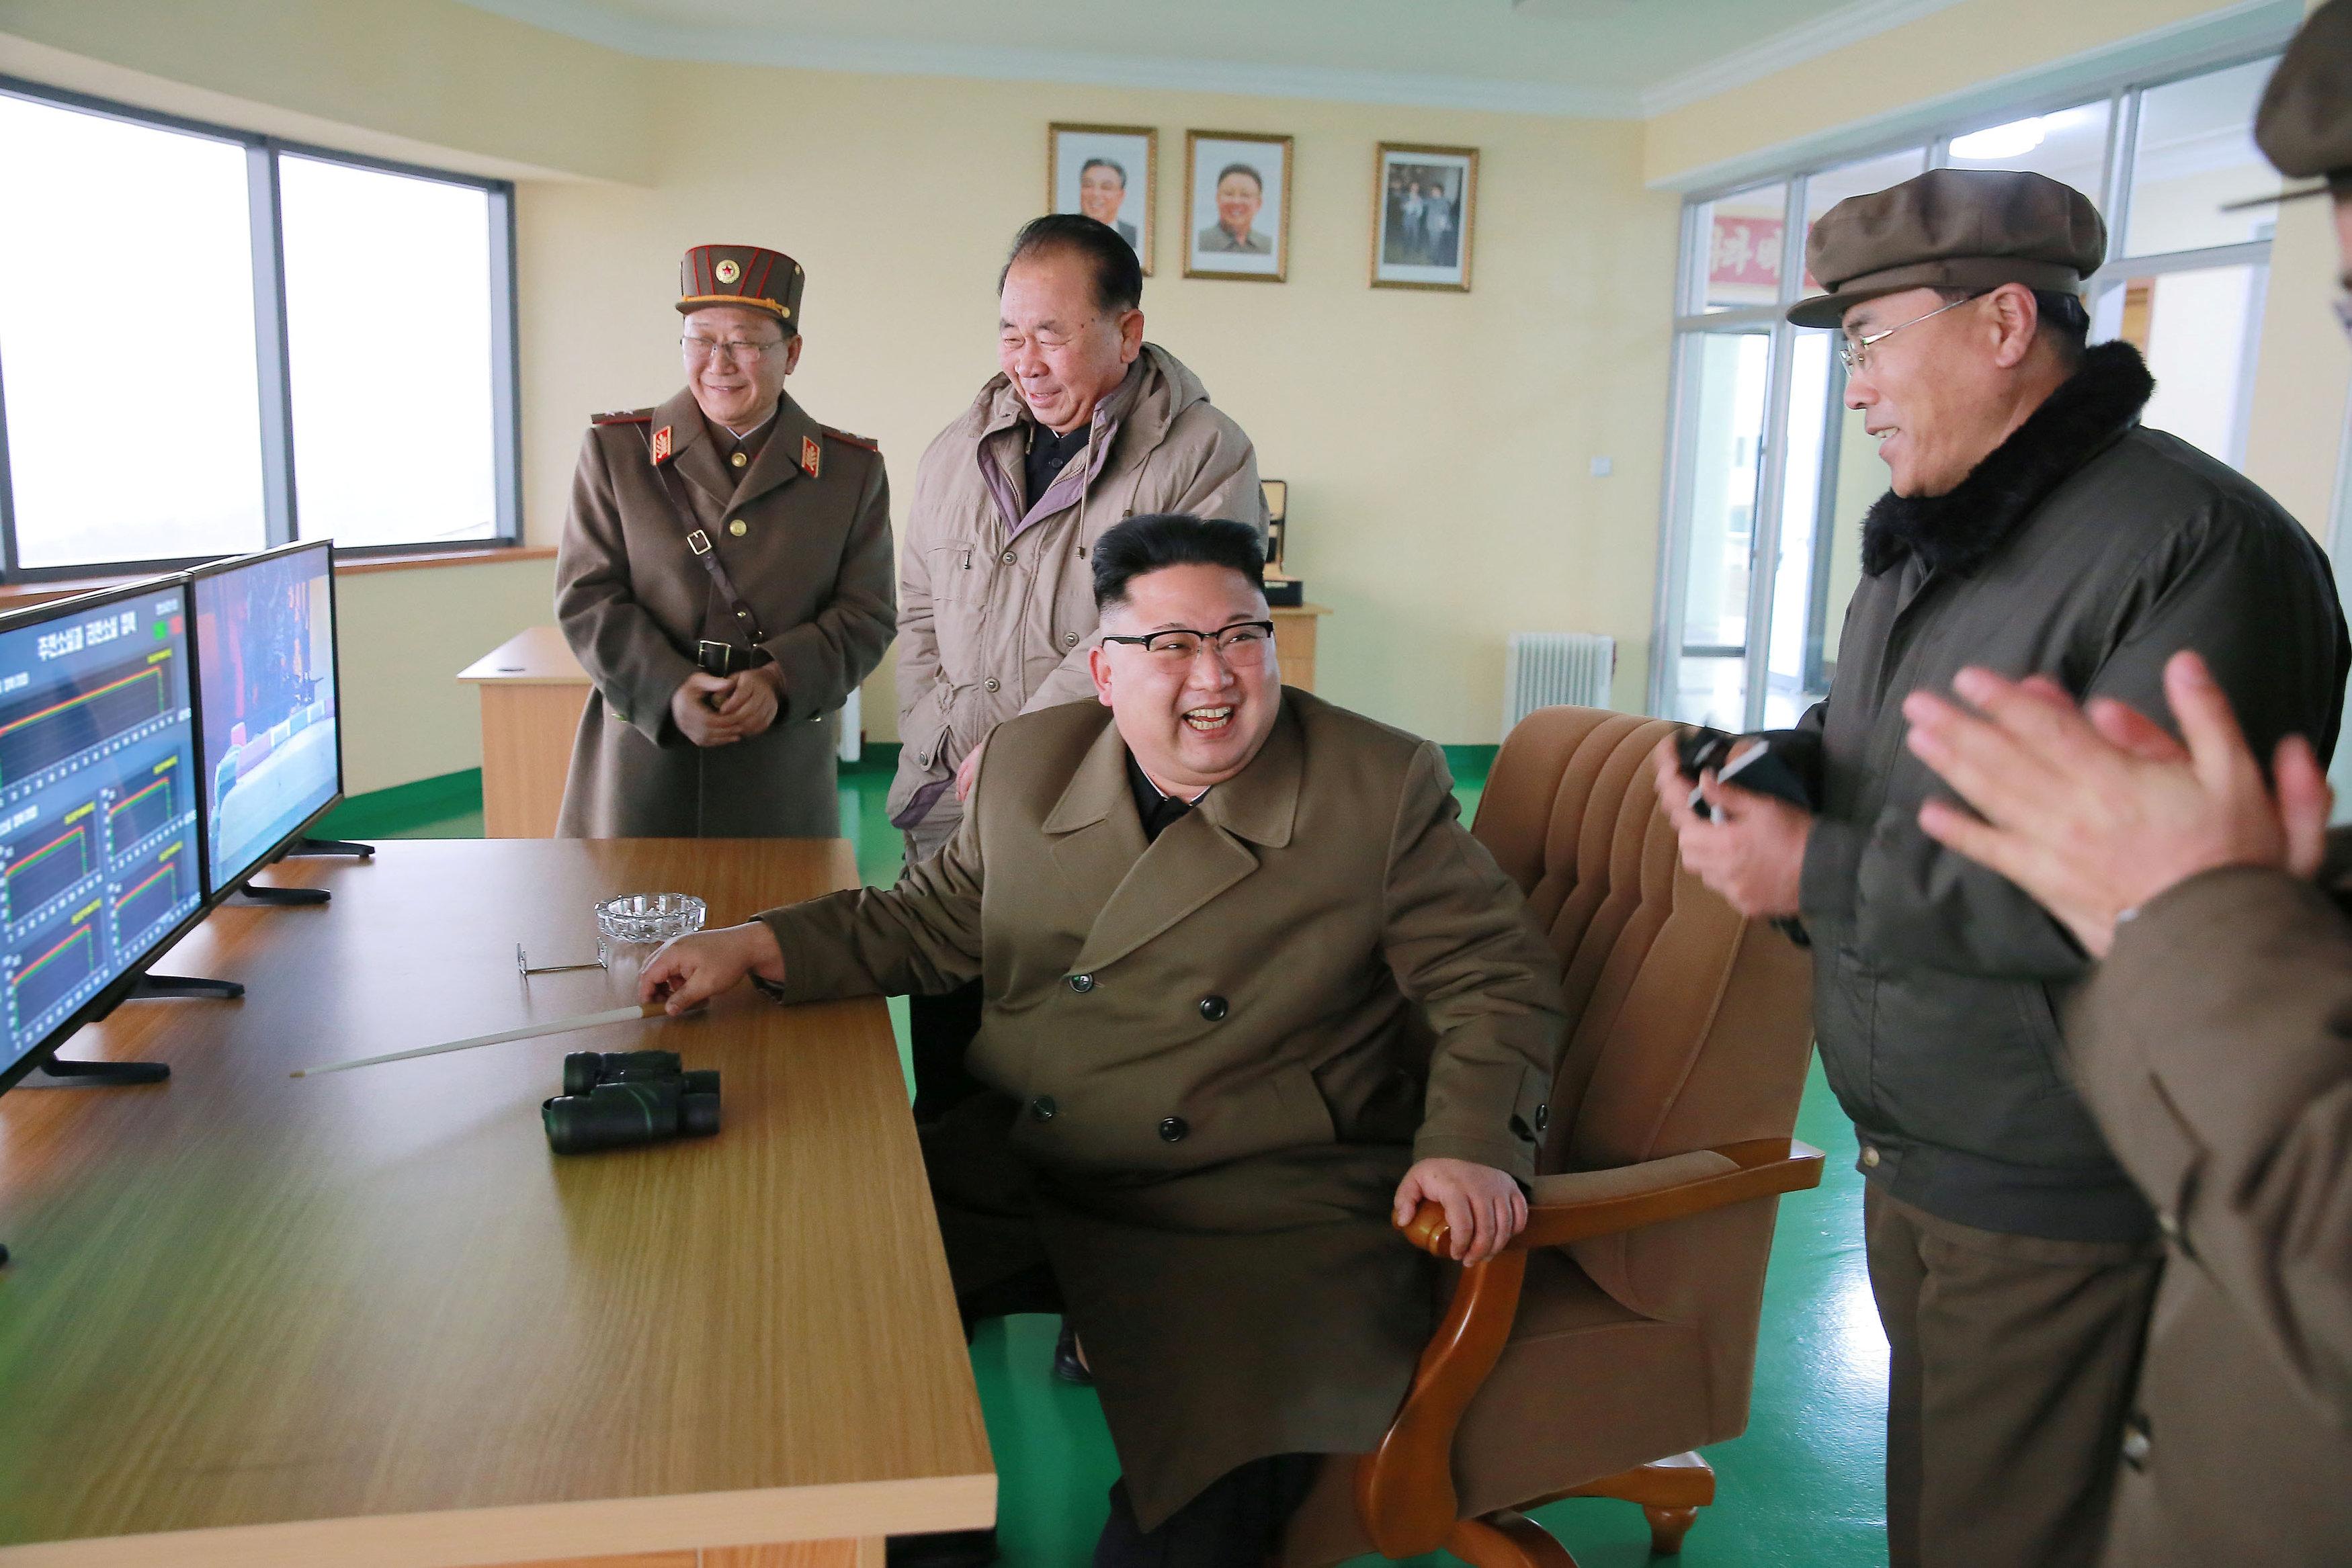 زعيم كوريا الشمالية أثناء اختبارة لمحرك الصاروخ